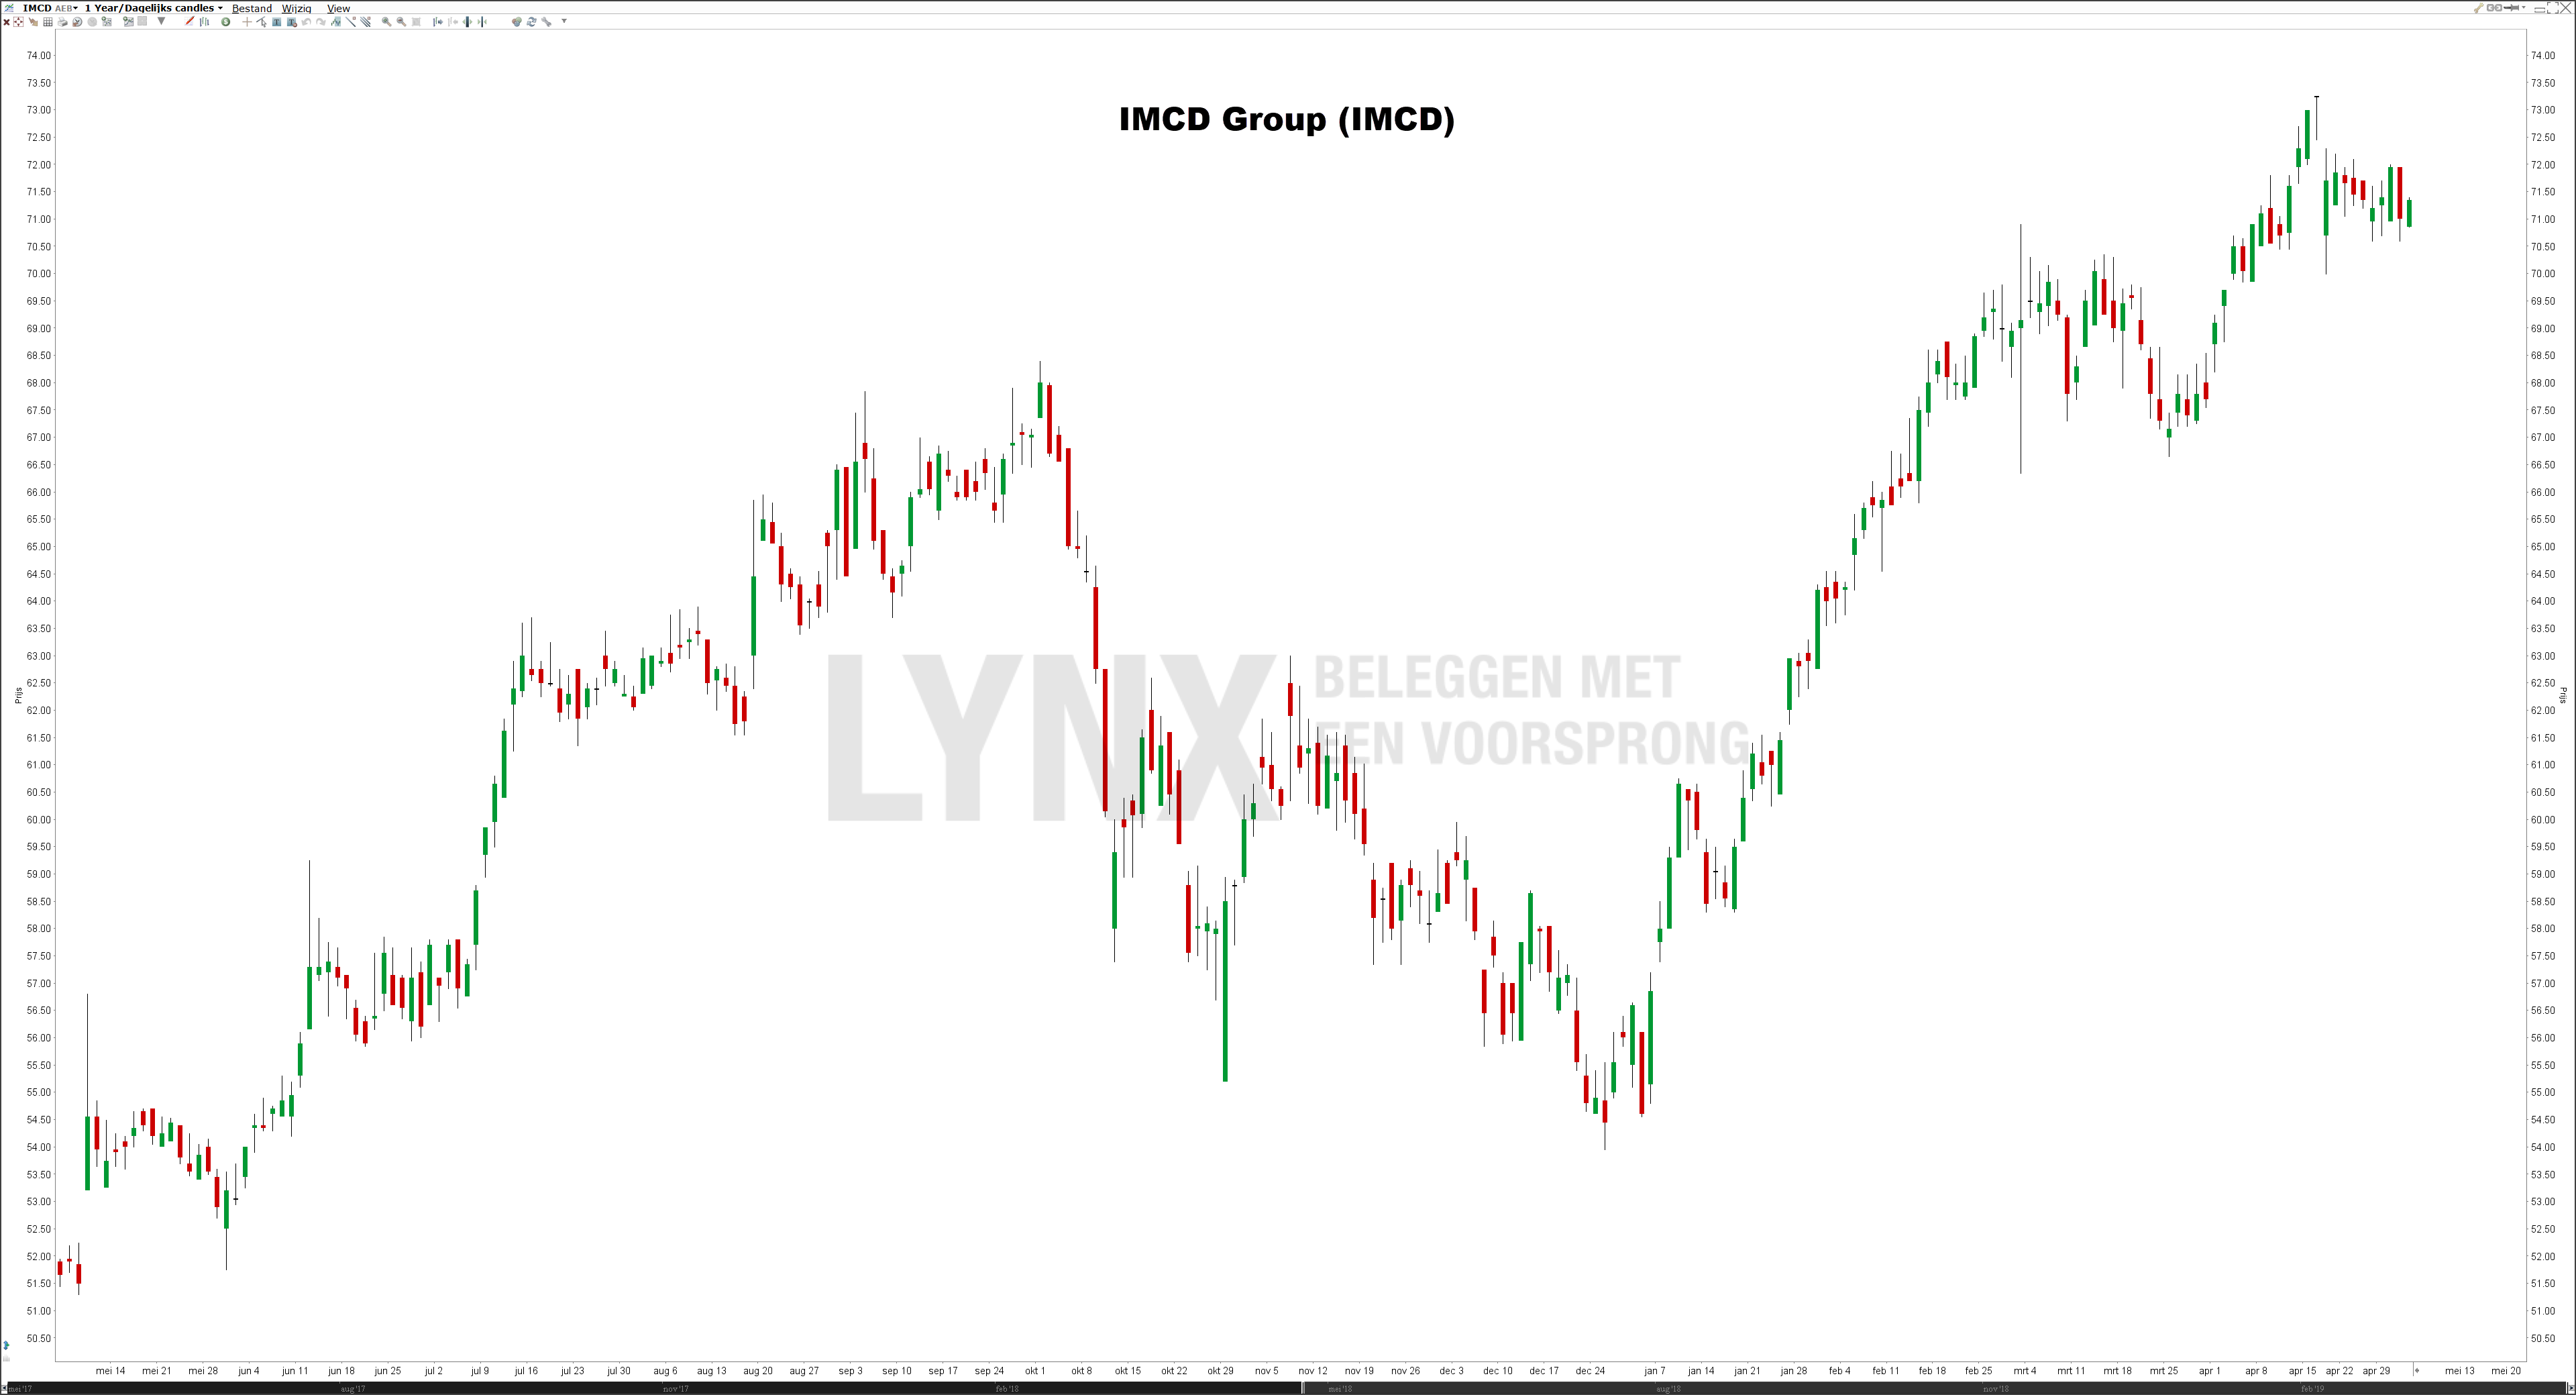 Koers aandeel IMCD Group